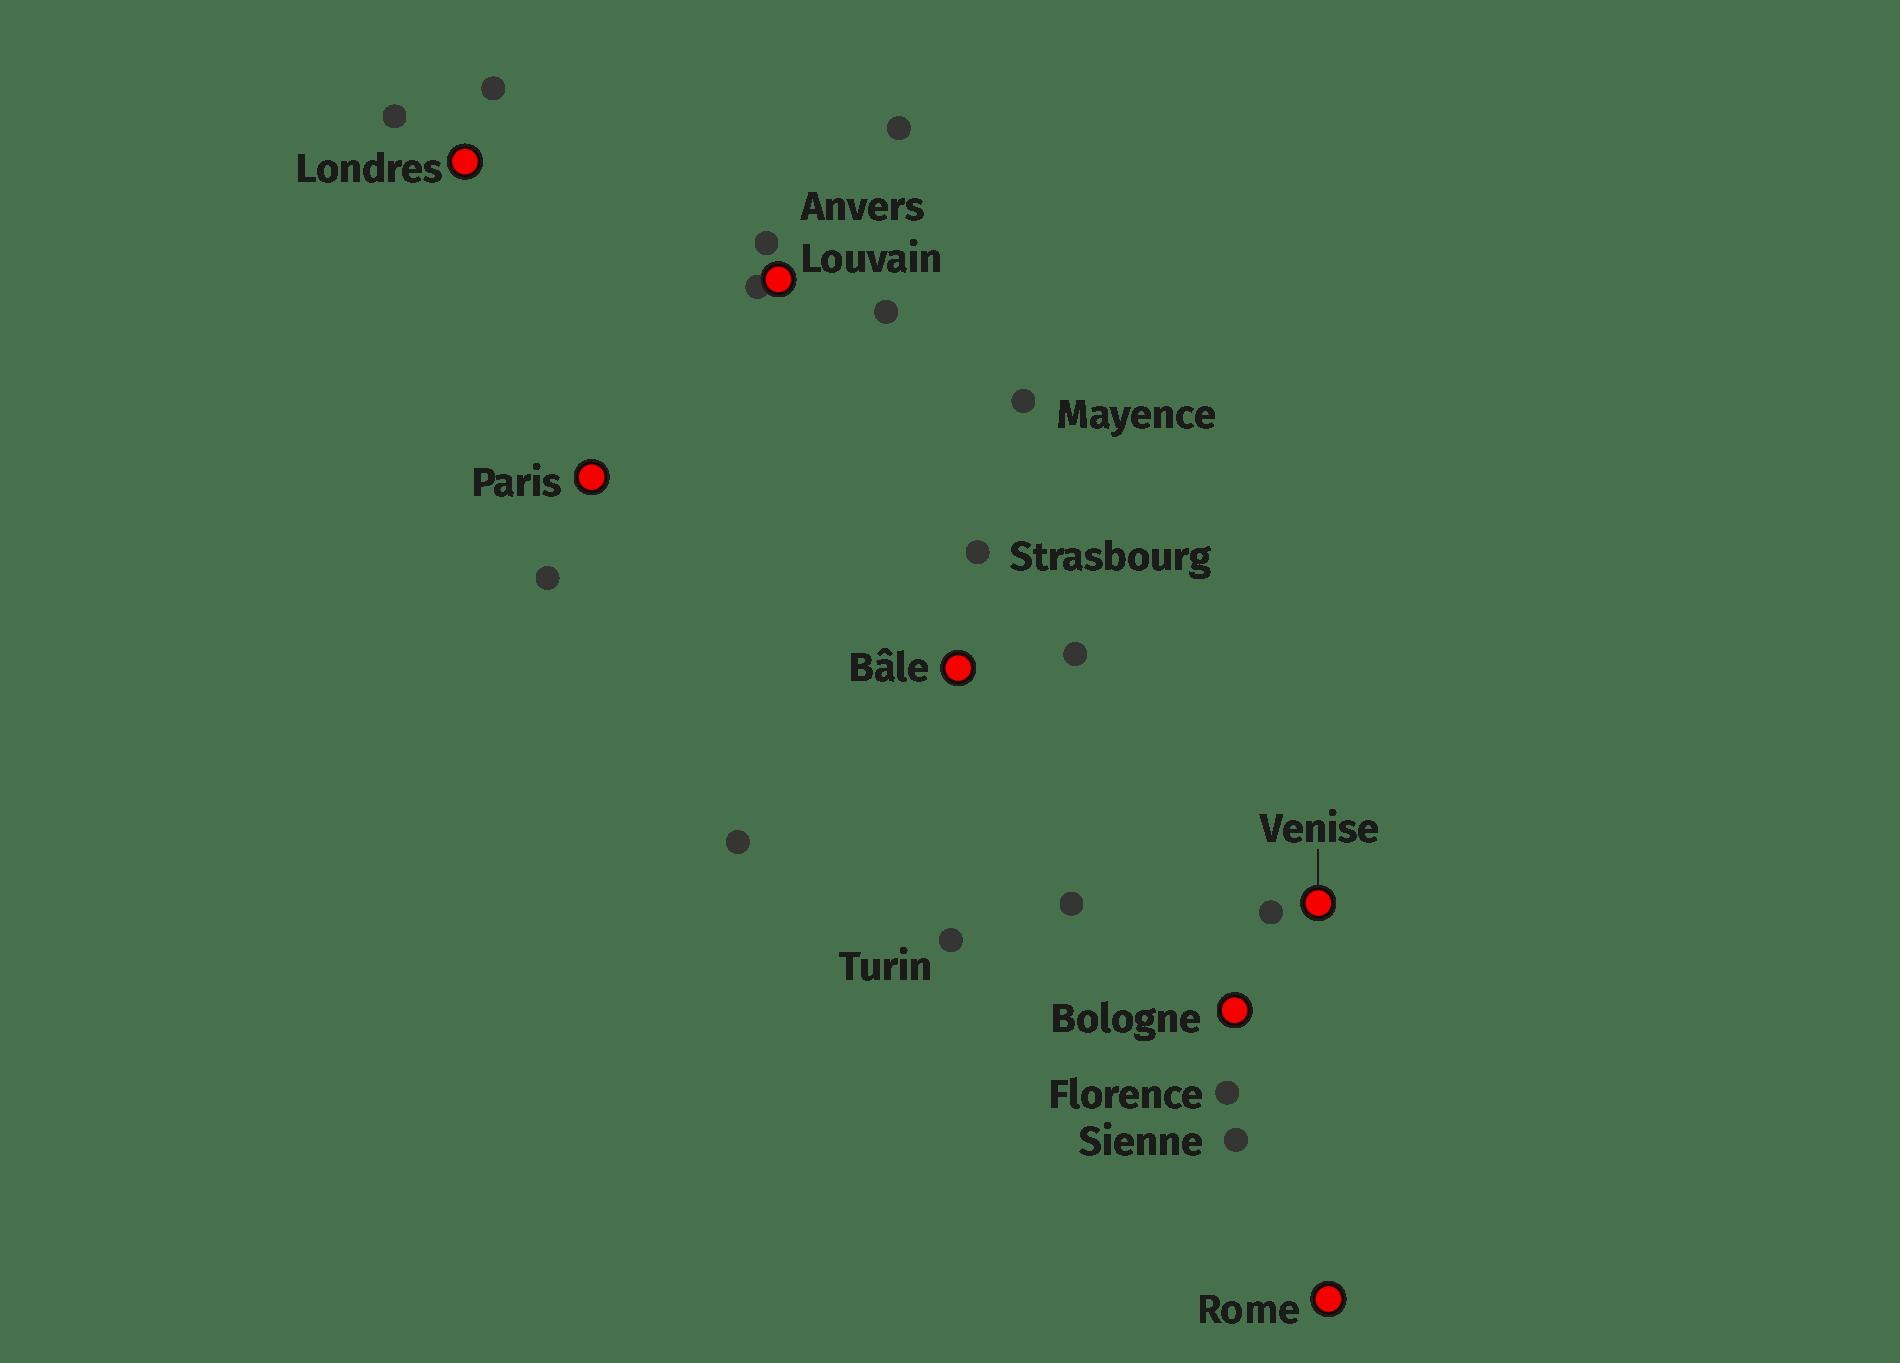 Lieux de séjour d'Érasme (texte)